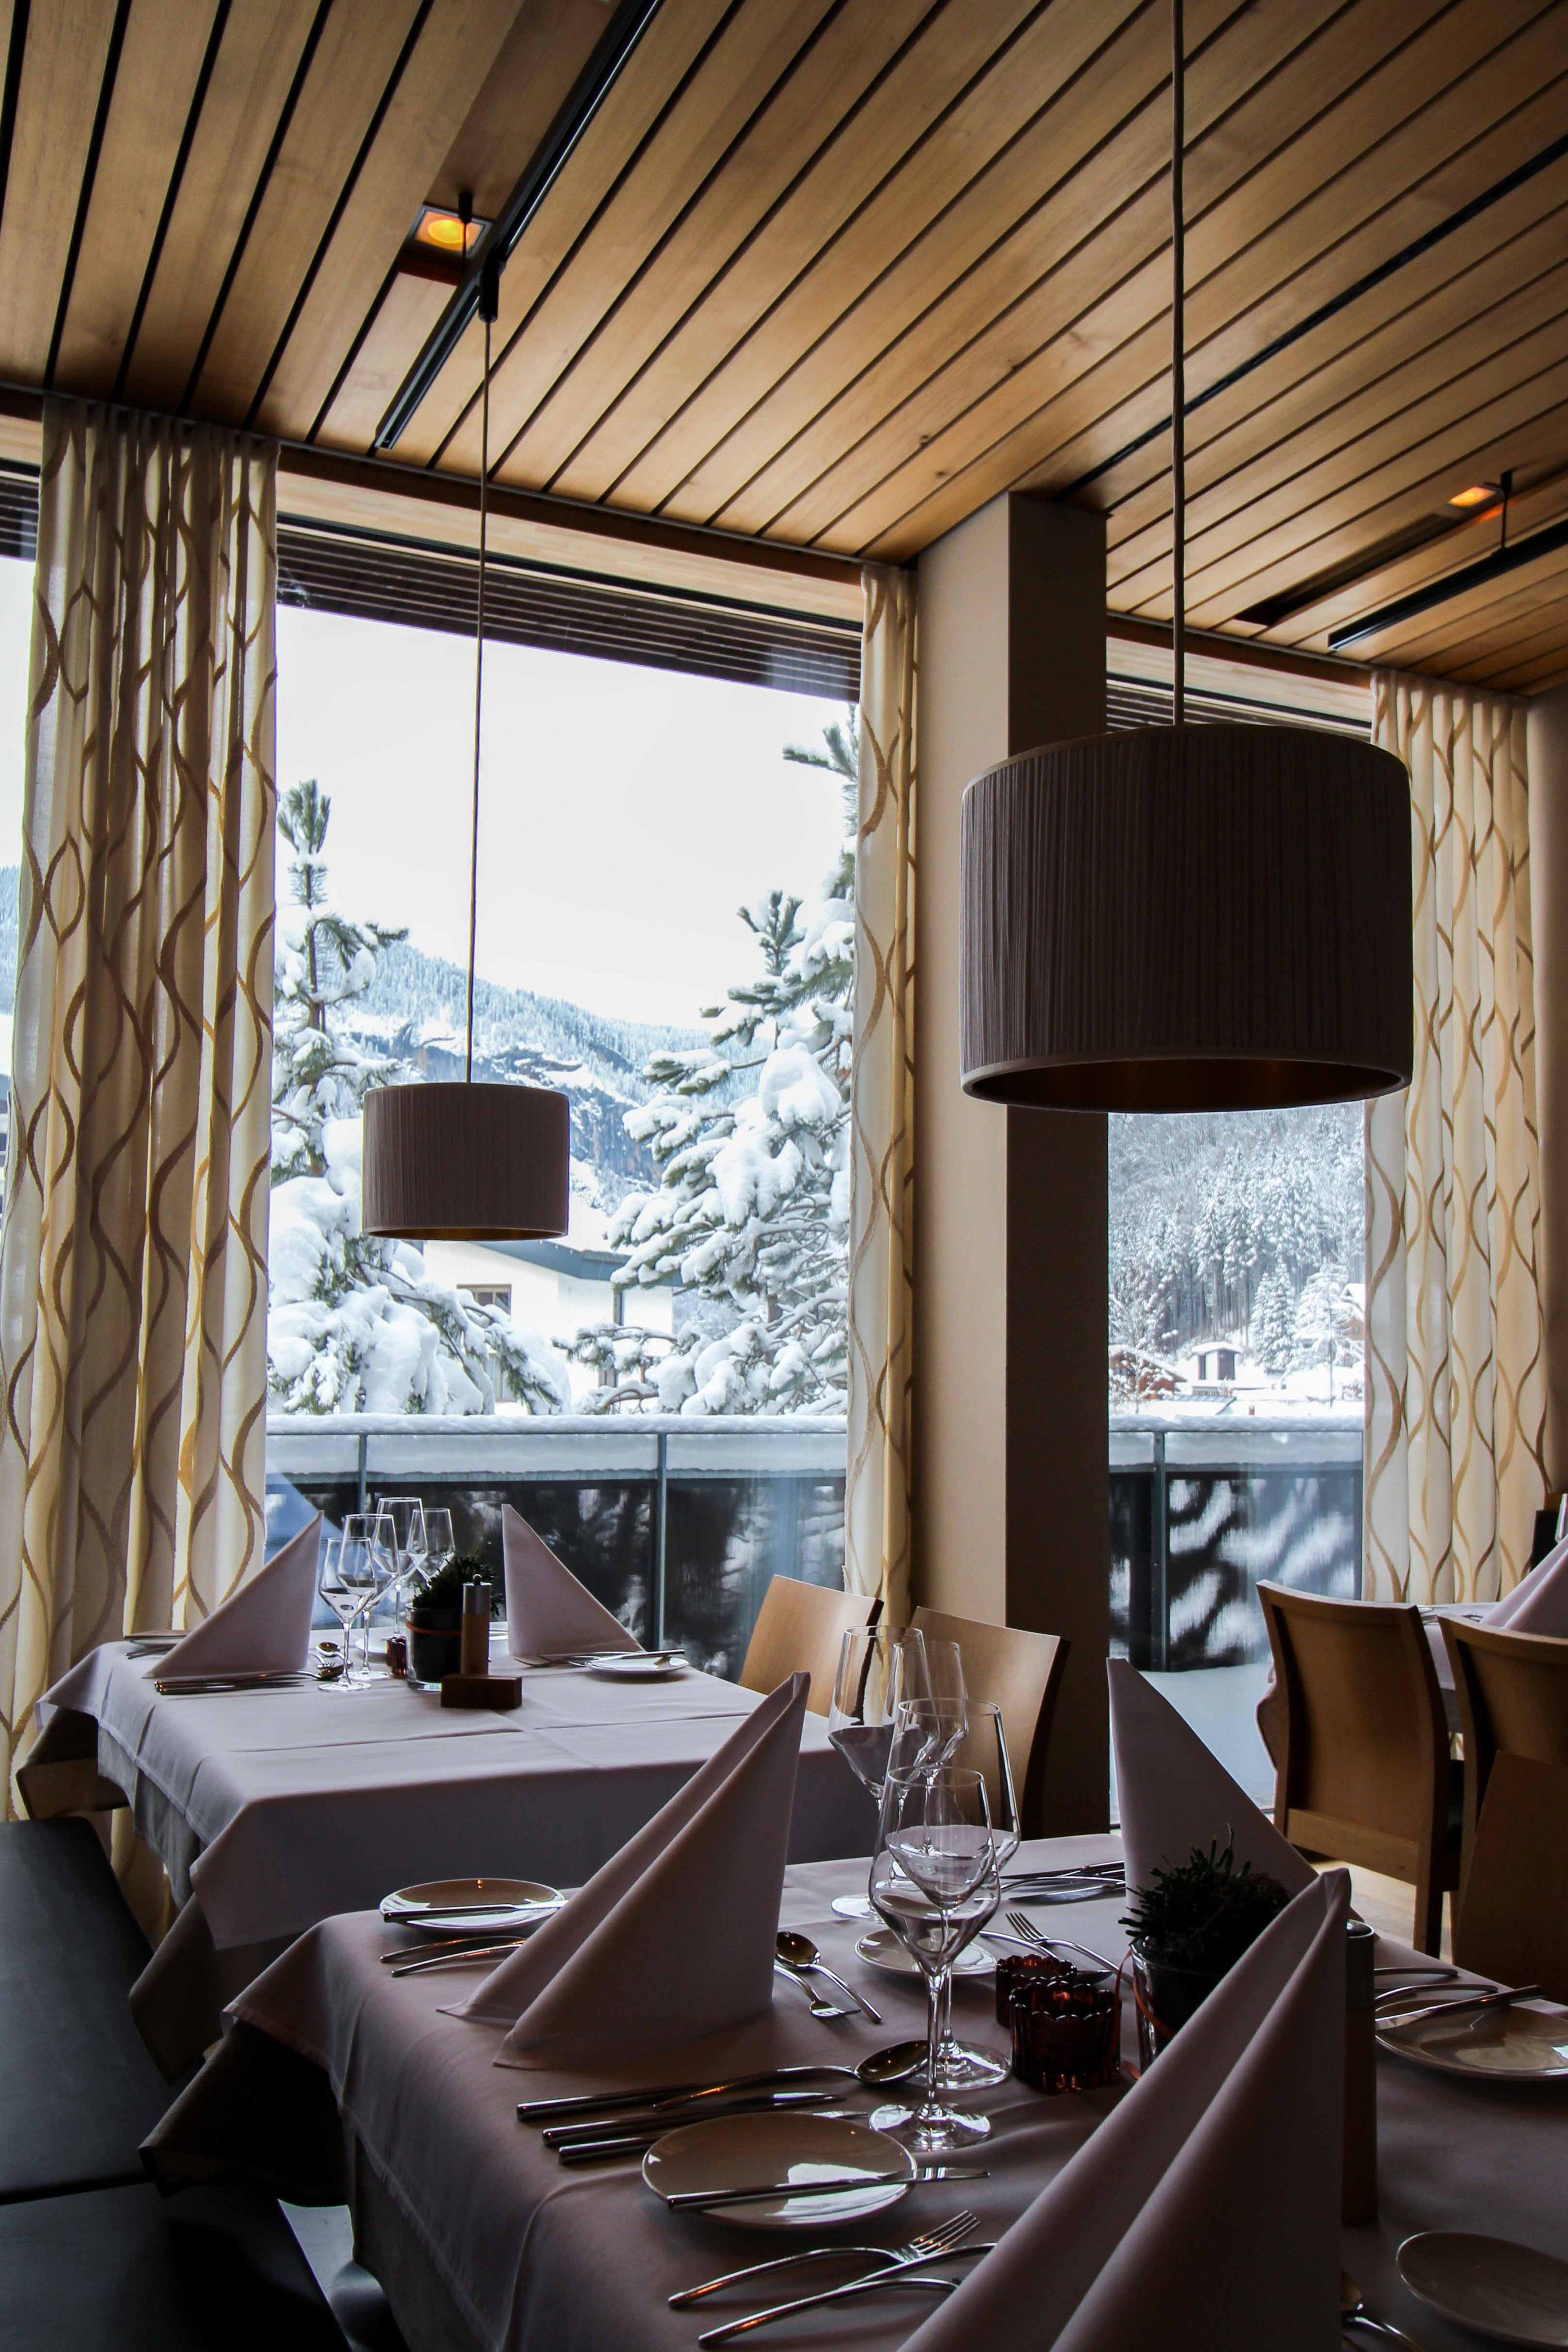 Wellnesswochenende Österreich Sonne Lifestyle Resort Mellau Wellnesshotel Bregenzerwald Gourmetpension Restaurant Reiseblog 2